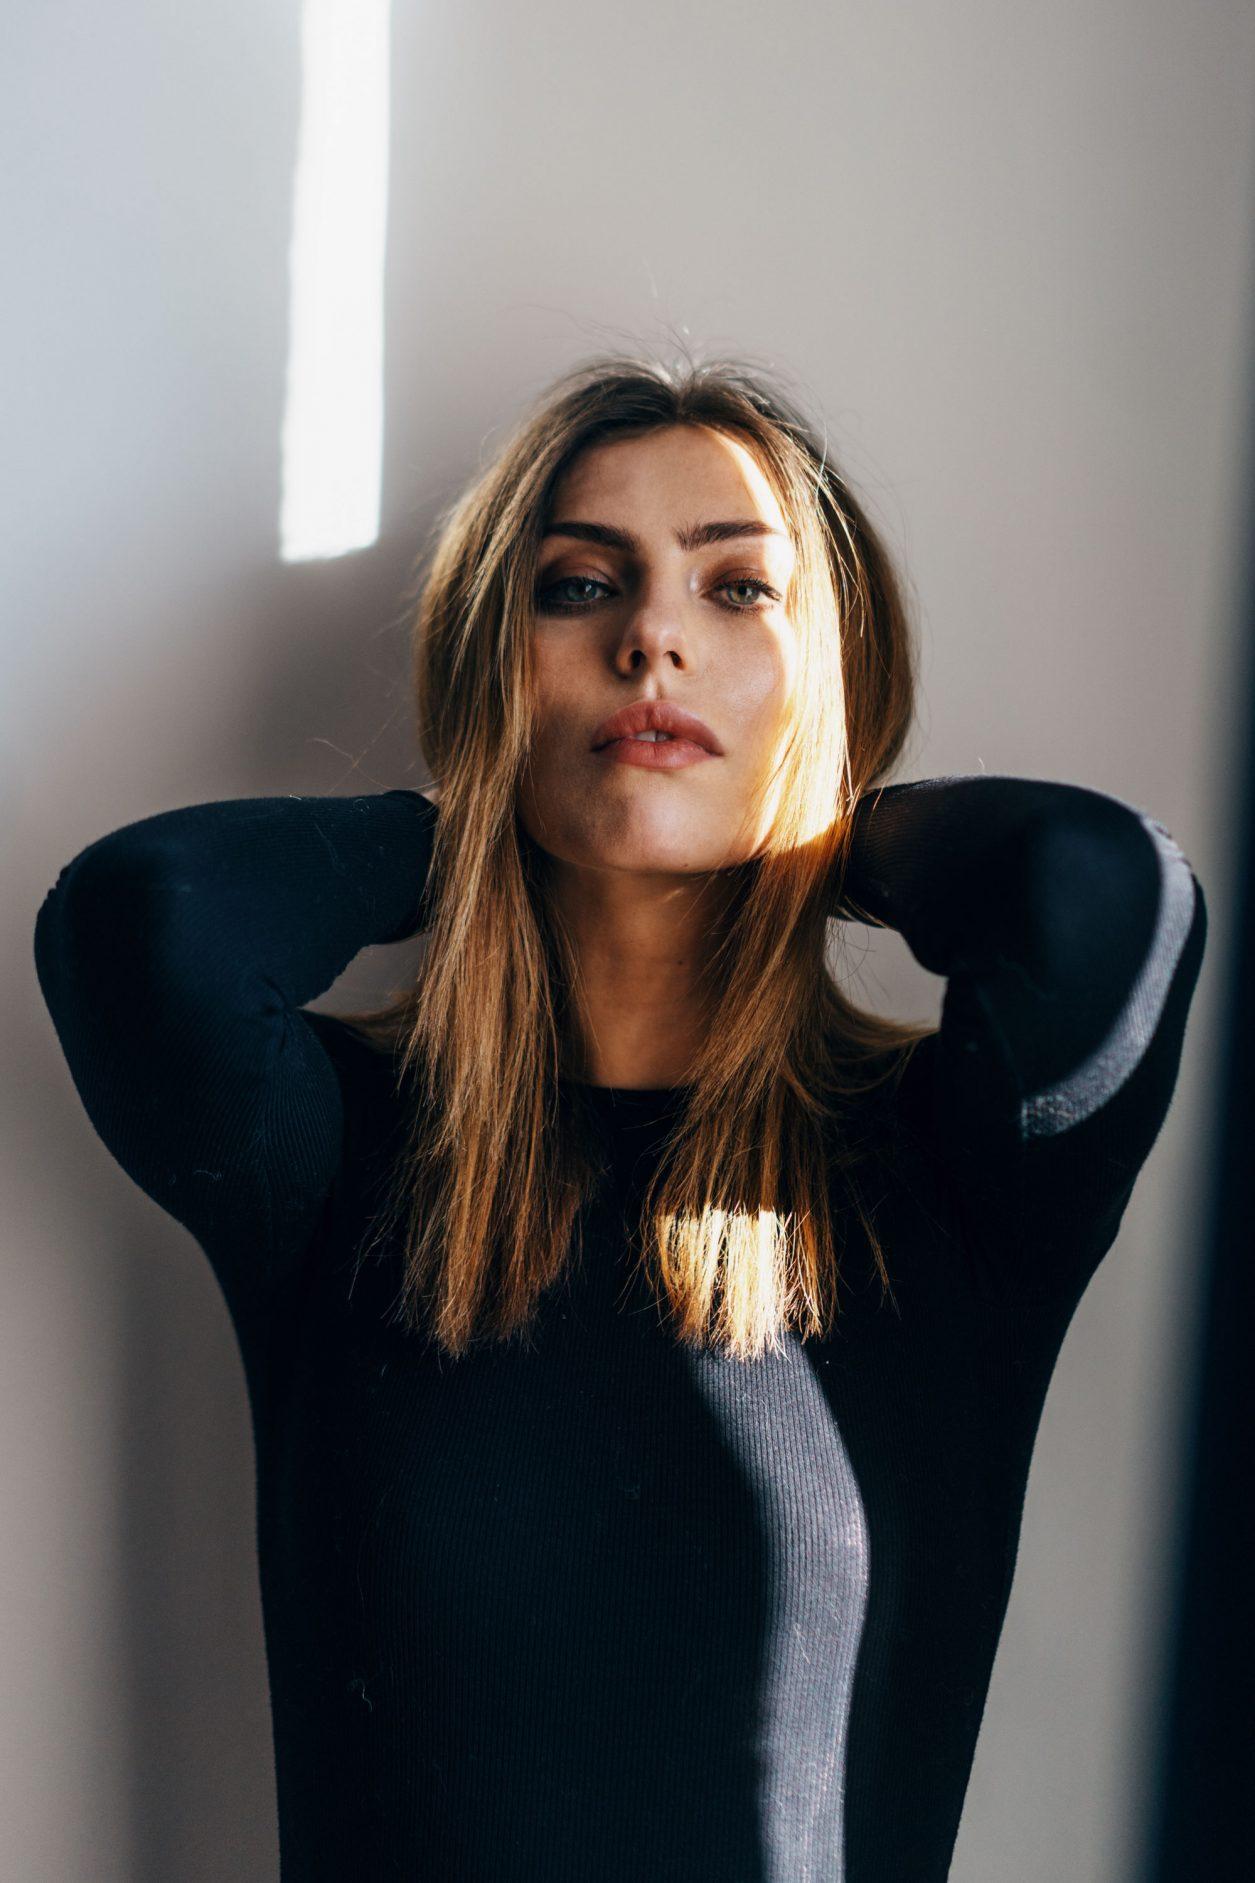 Портреты настроения с игрой света и тени | Маша Седжвик | чистый, простая студия